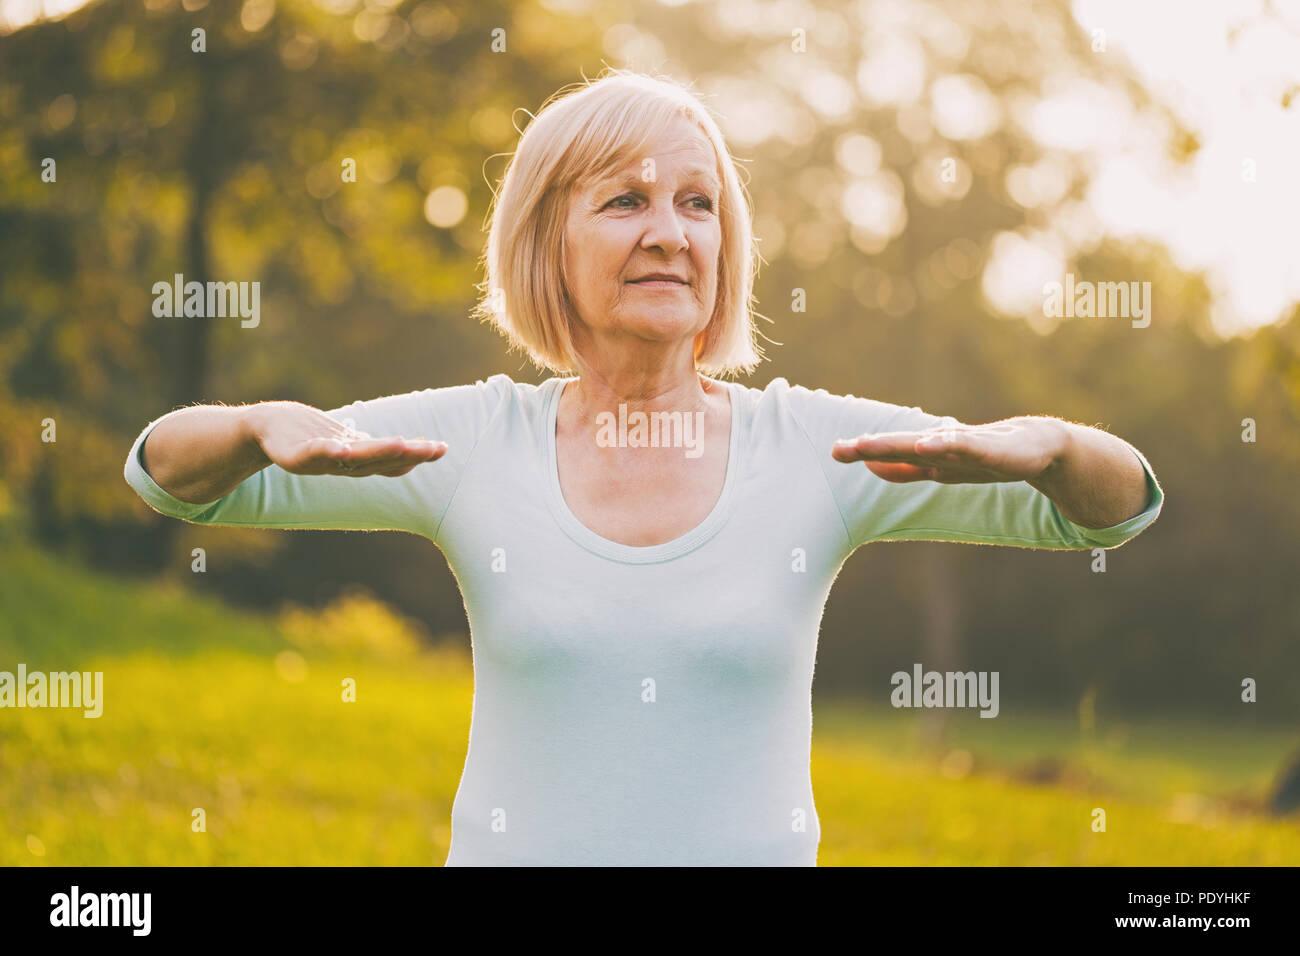 Senior deportivo mujer ejercicio outdoor.Imagen es intencionalmente tonificado. Foto de stock